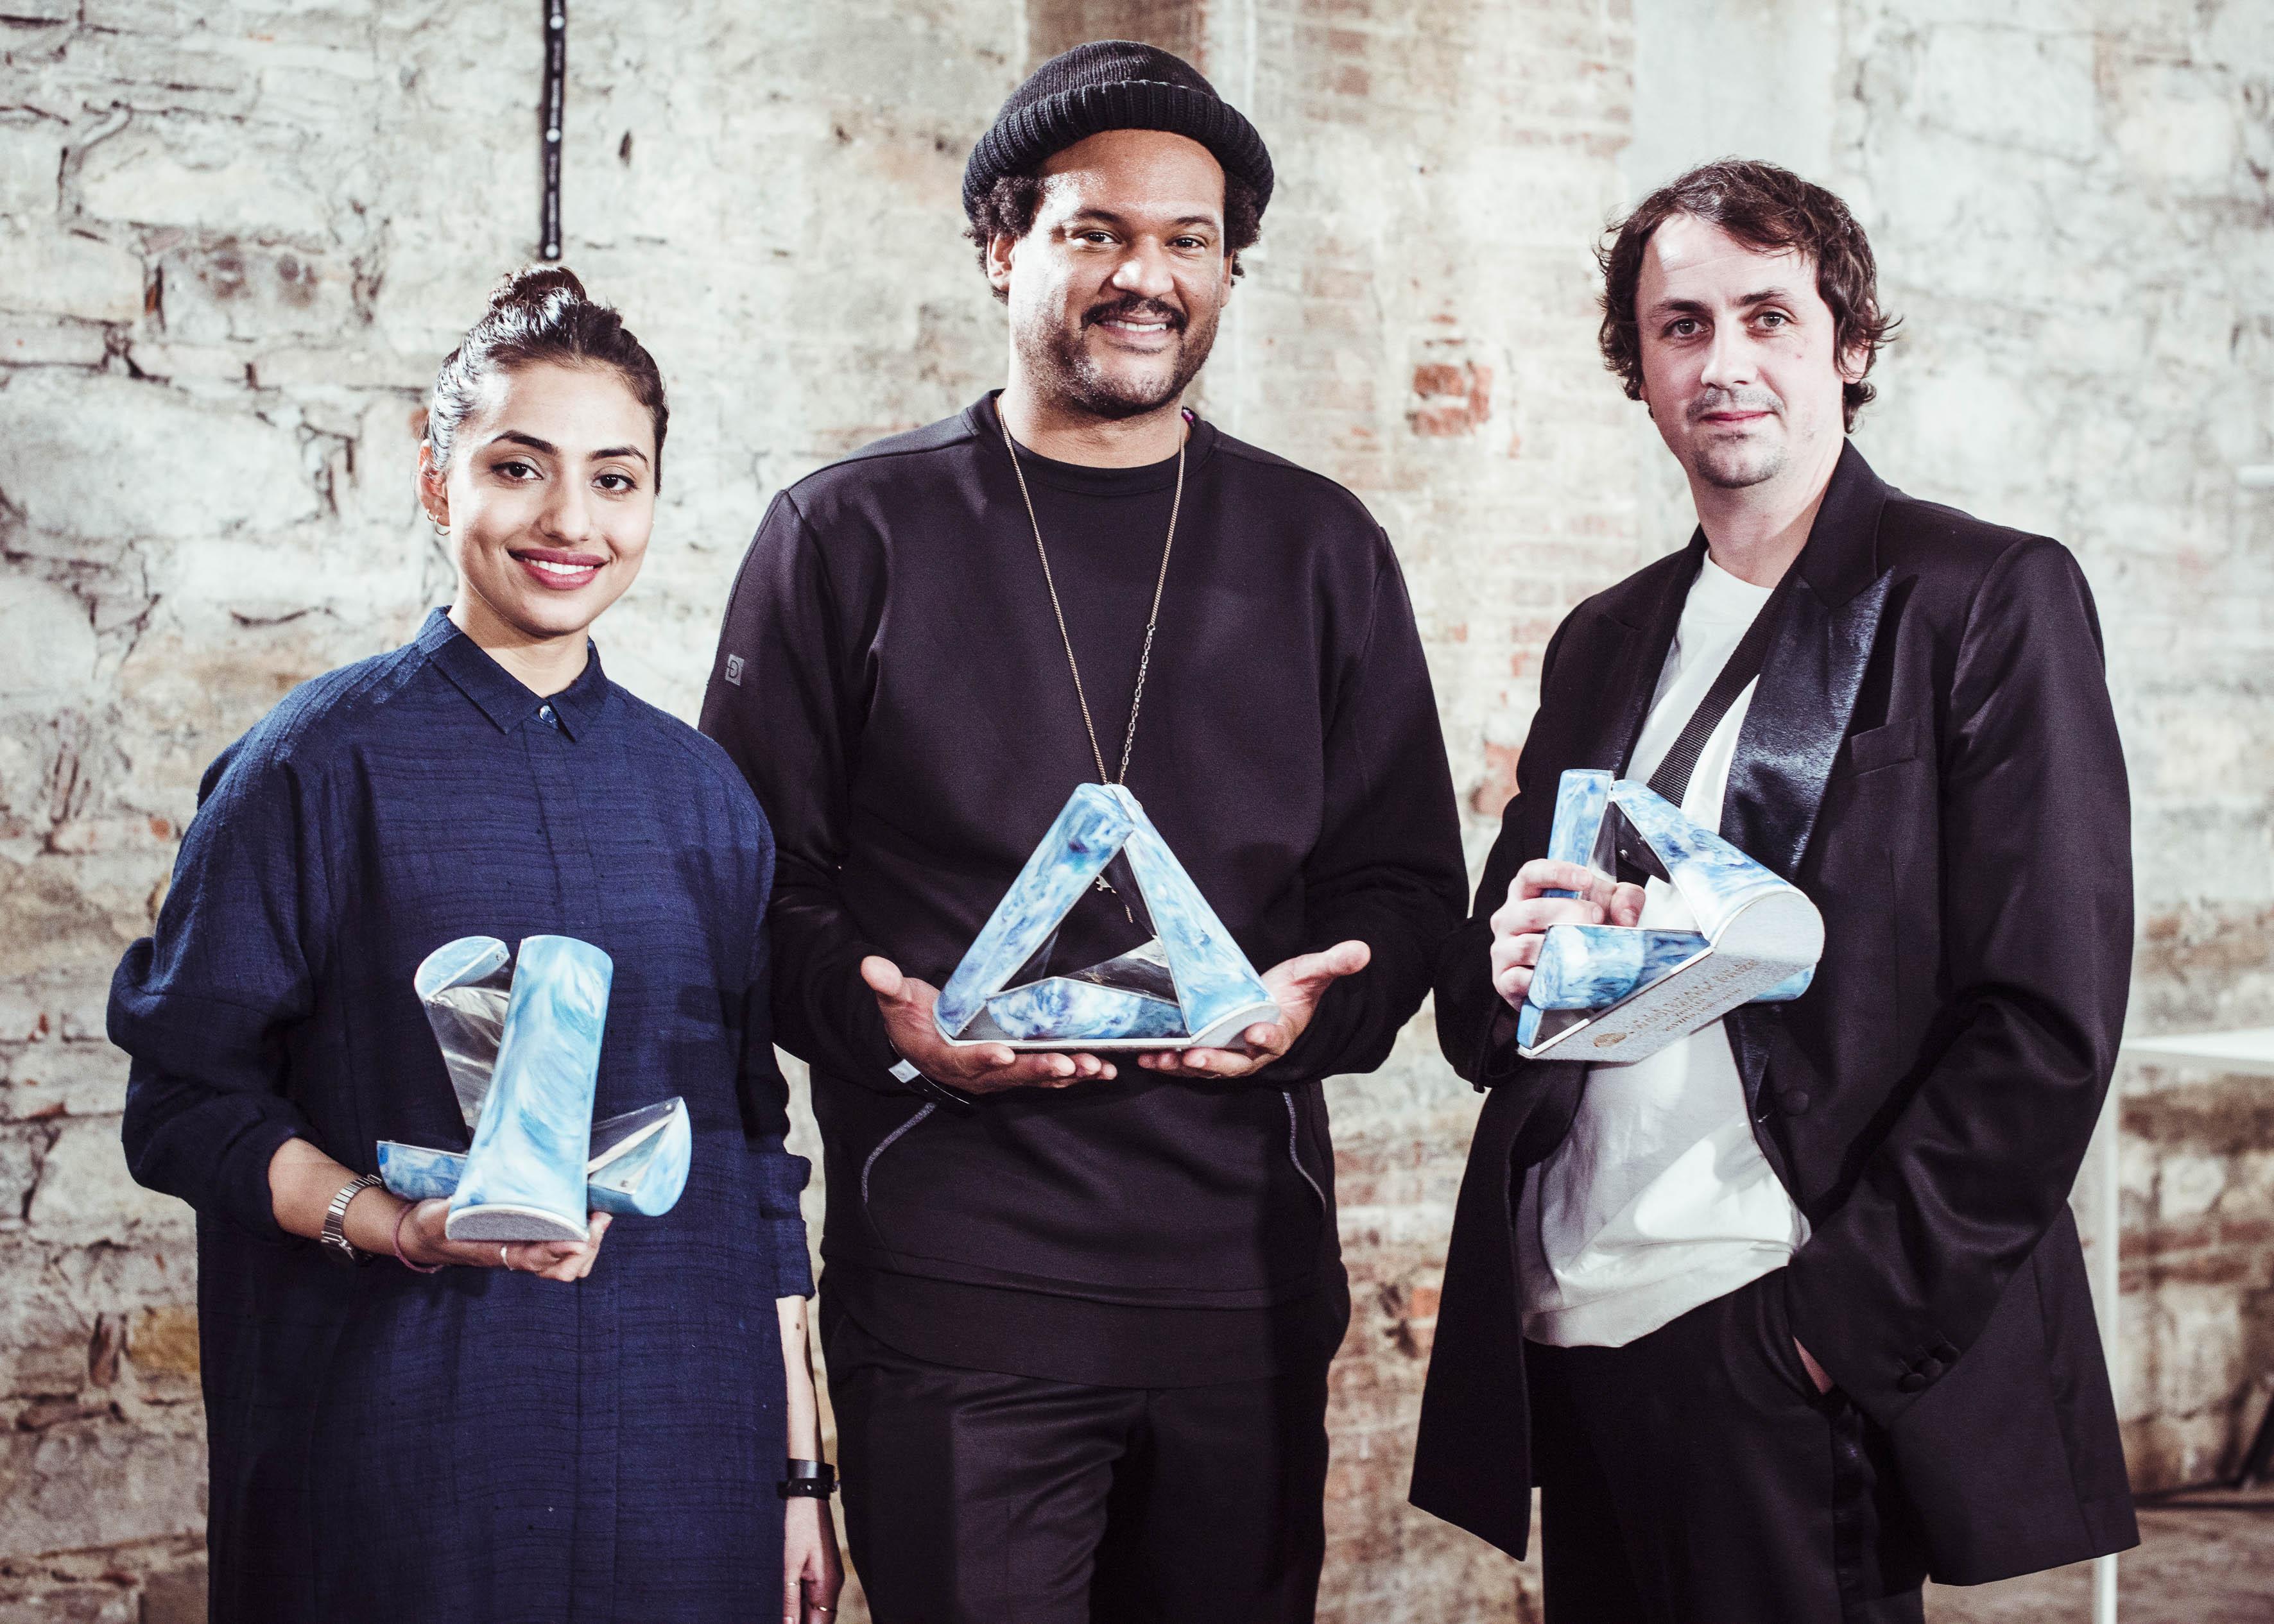 2017/18国际羊毛标志大奖揭晓:Matthew Miller、Bodice 及 DYNE 分获男女装总冠军和创新大奖